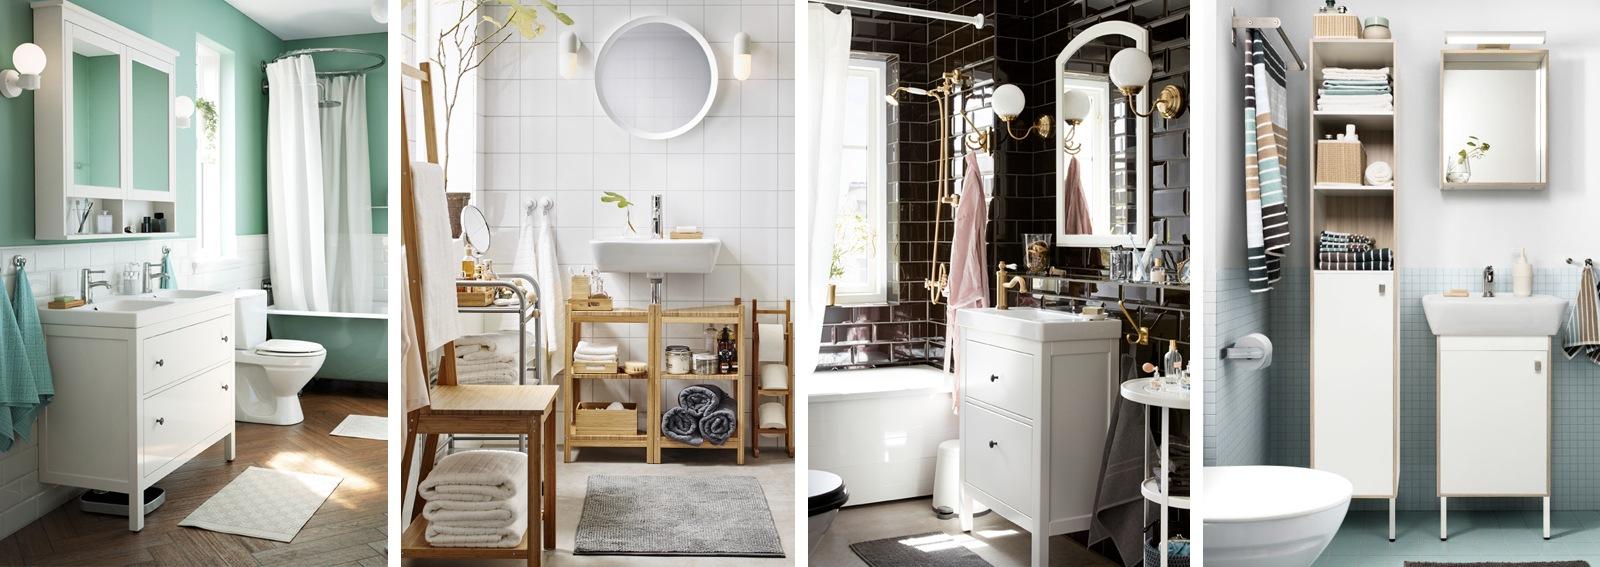 Come arredare il bagno con mobili ikea grazia for Arredare ristorante ikea